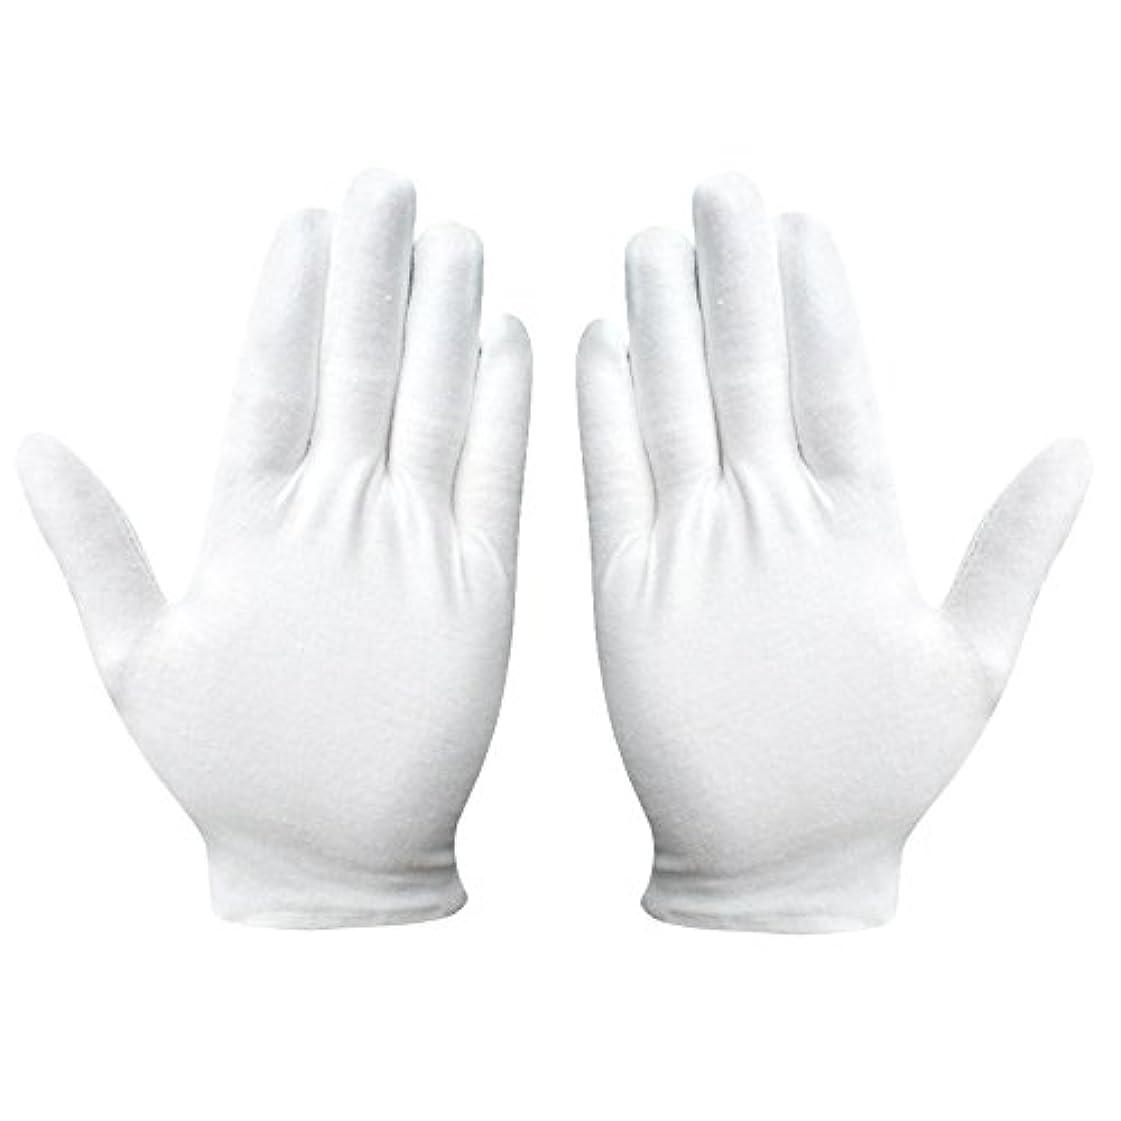 中絶学部外交問題綿手袋 純綿 コットン手袋 白手袋 薄手 通気性 手荒れ予防 【湿疹用 乾燥肌用 保湿用 礼装用】12双組